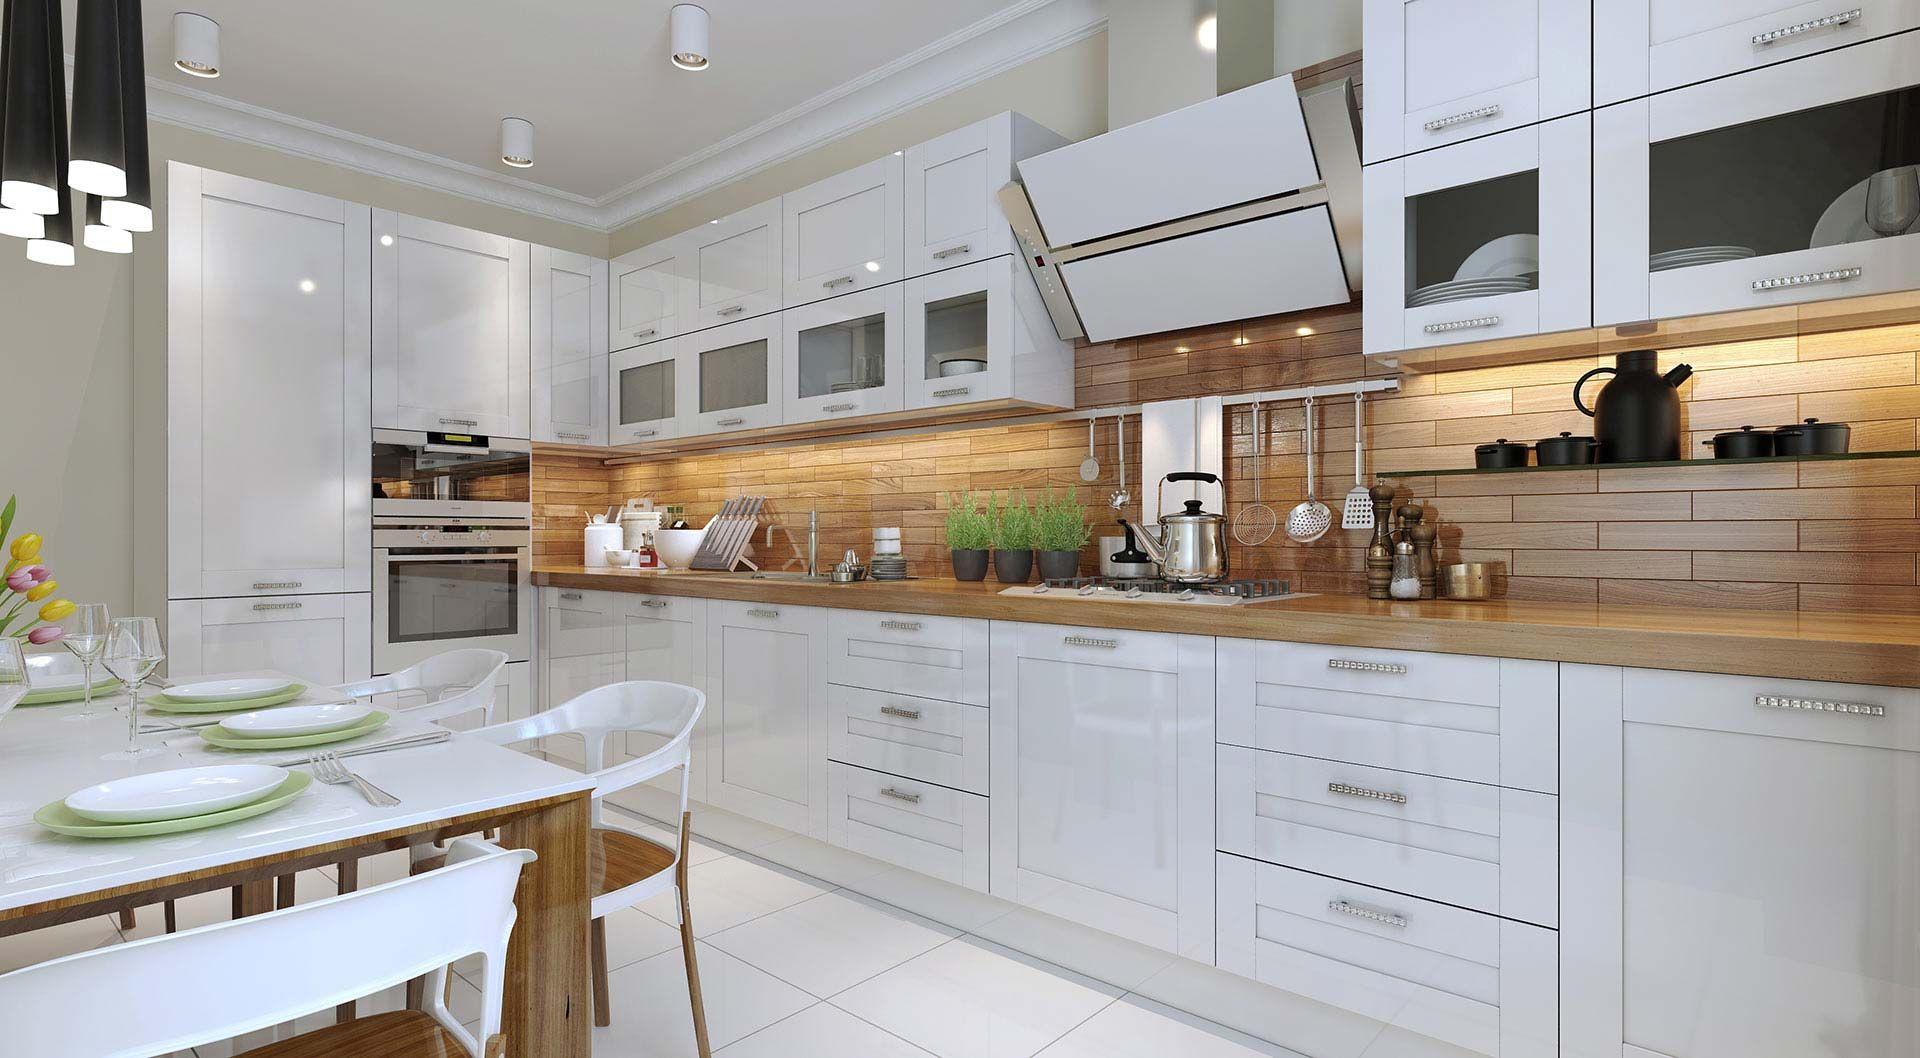 Znalezione Obrazy Dla Zapytania Kuchnia Biala Mdf Z Witryna Beautiful Kitchen Cabinets Used Kitchen Cabinets New Kitchen Cabinets